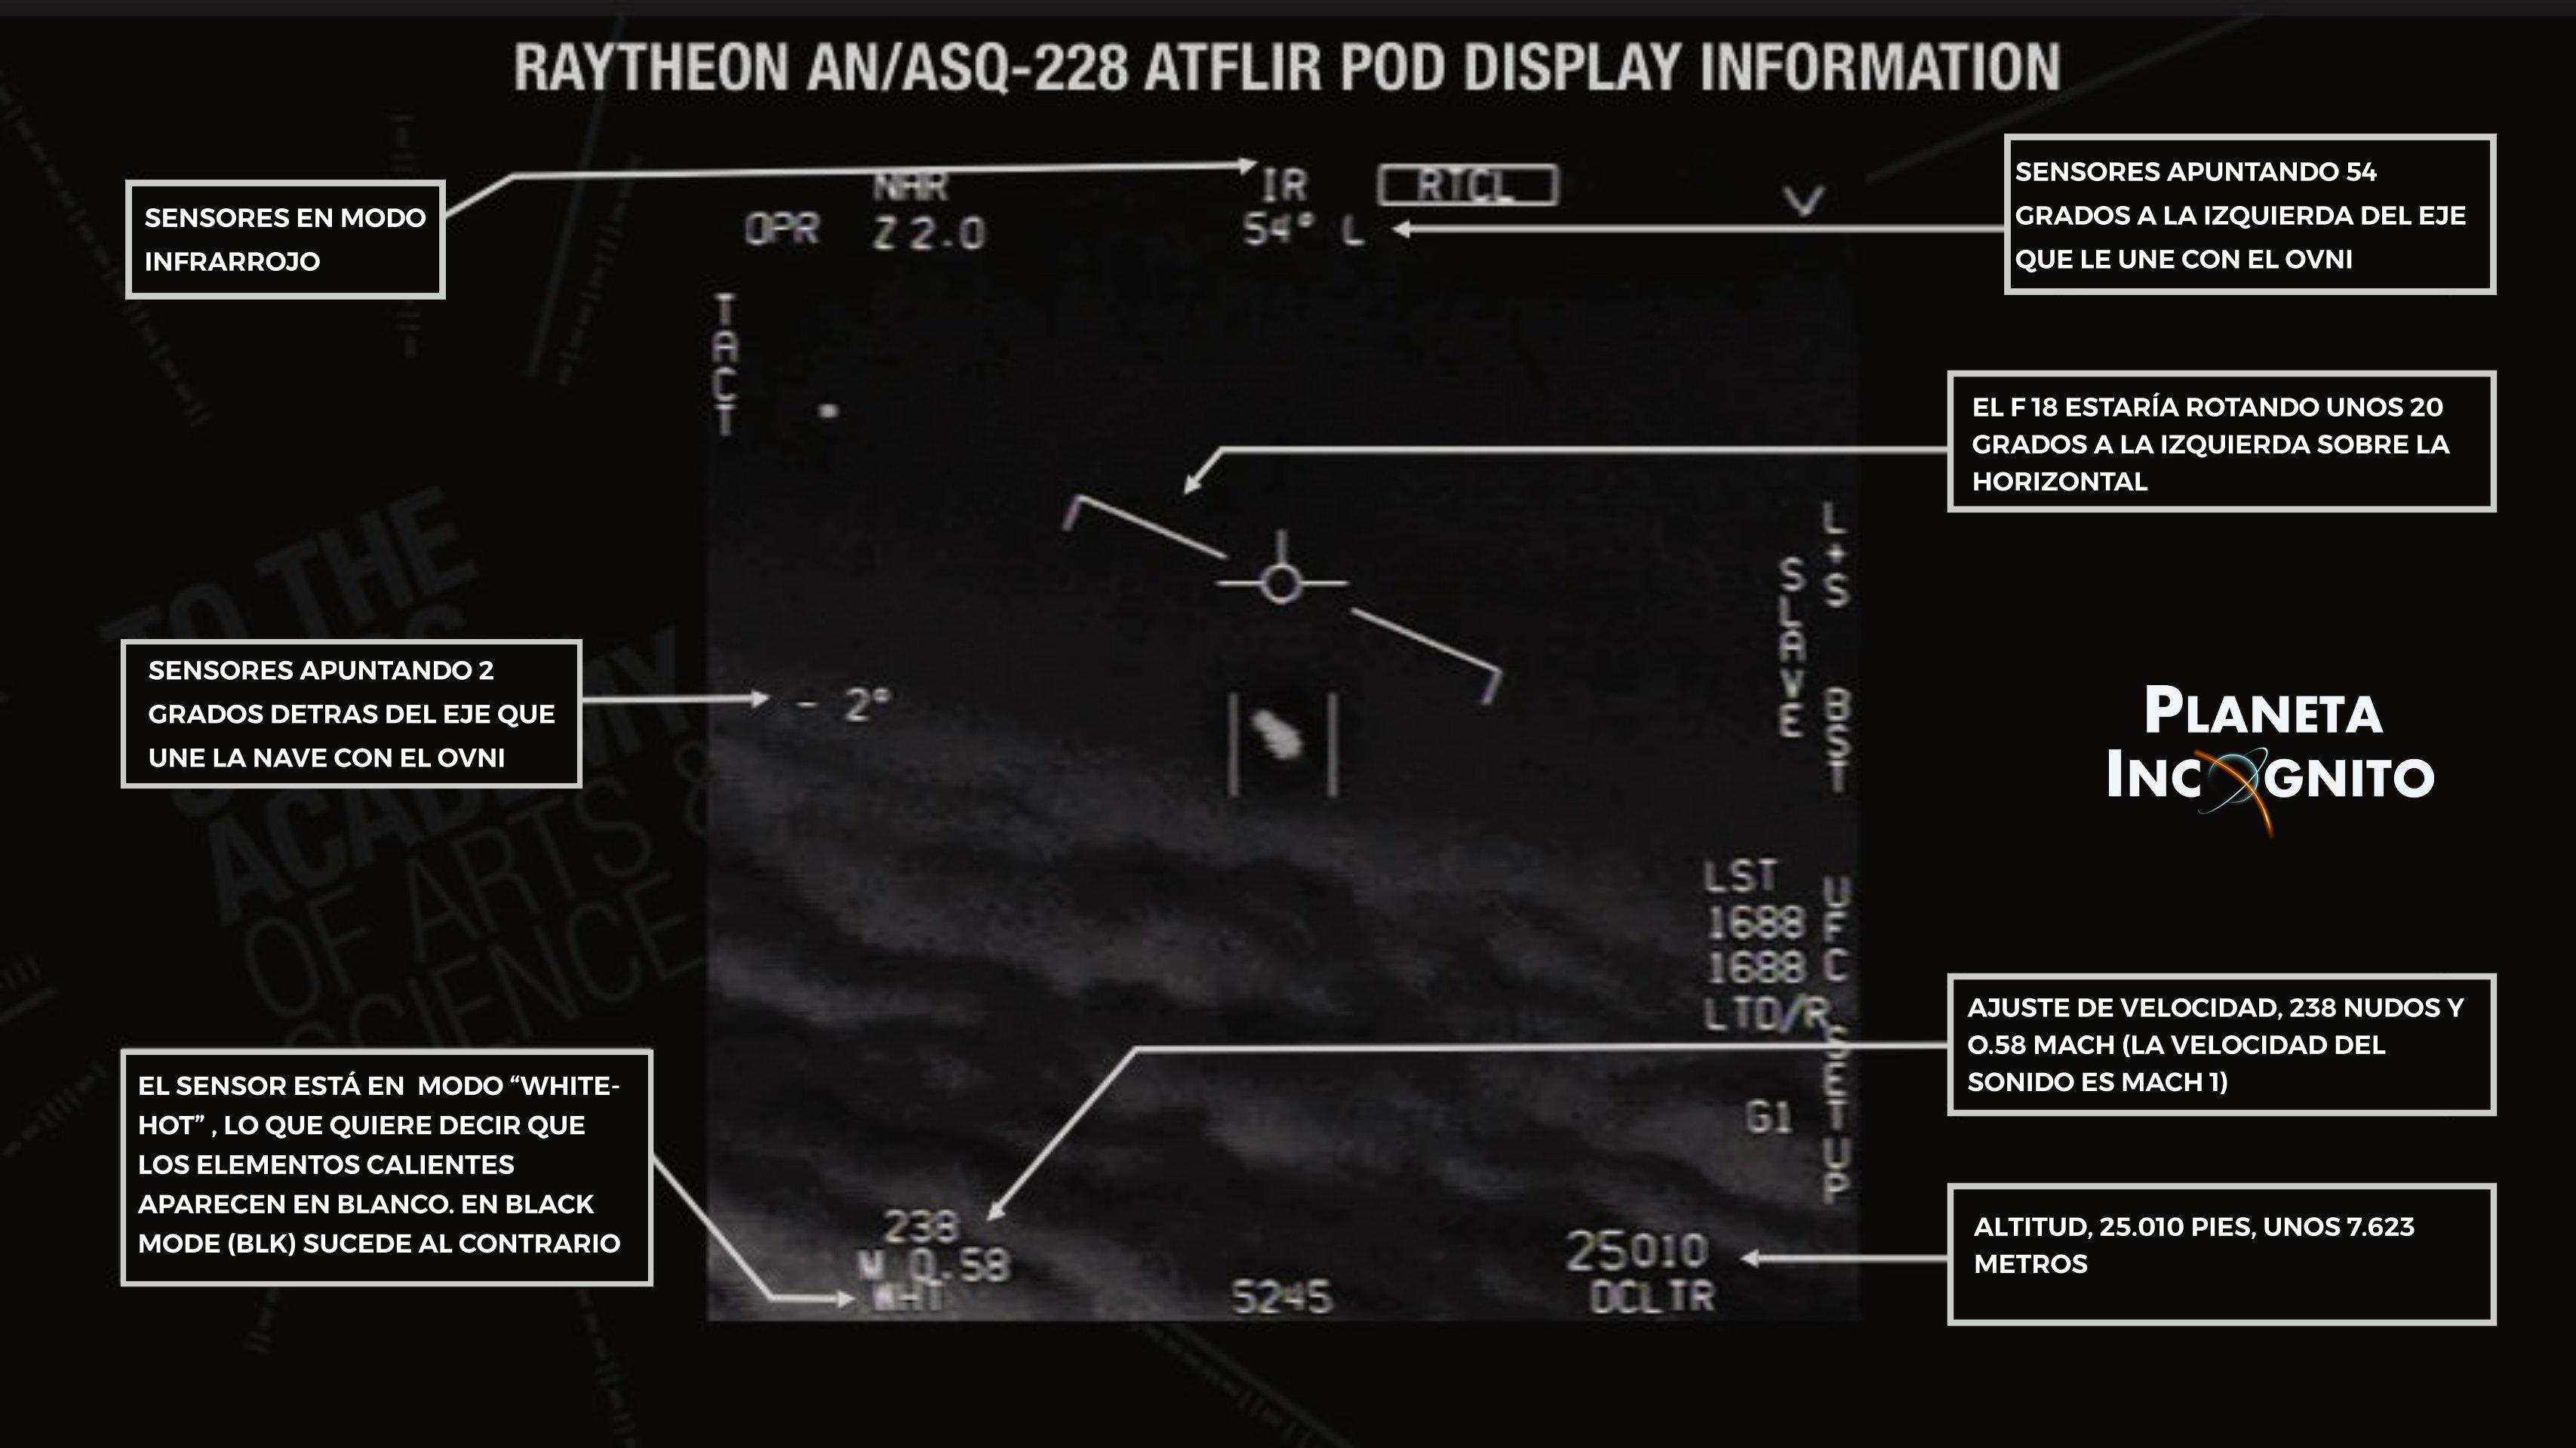 Diagrama del display del F-18 en modo infrarrojo